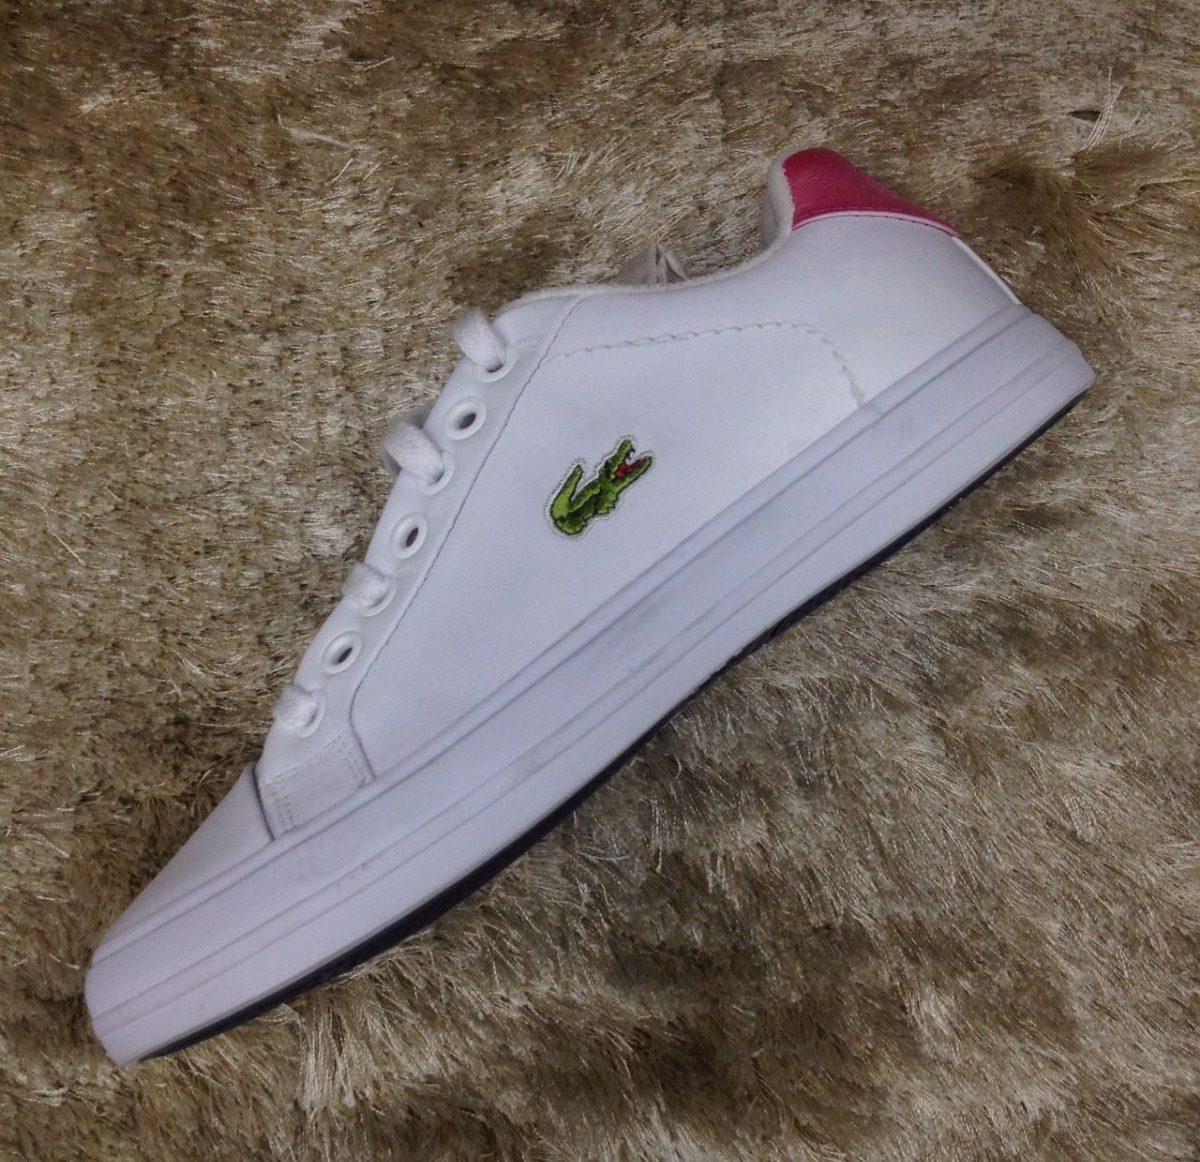 62373f6c7fb44 tenis sapatenis lacoste branco rosa claro feminino original. Carregando  zoom.